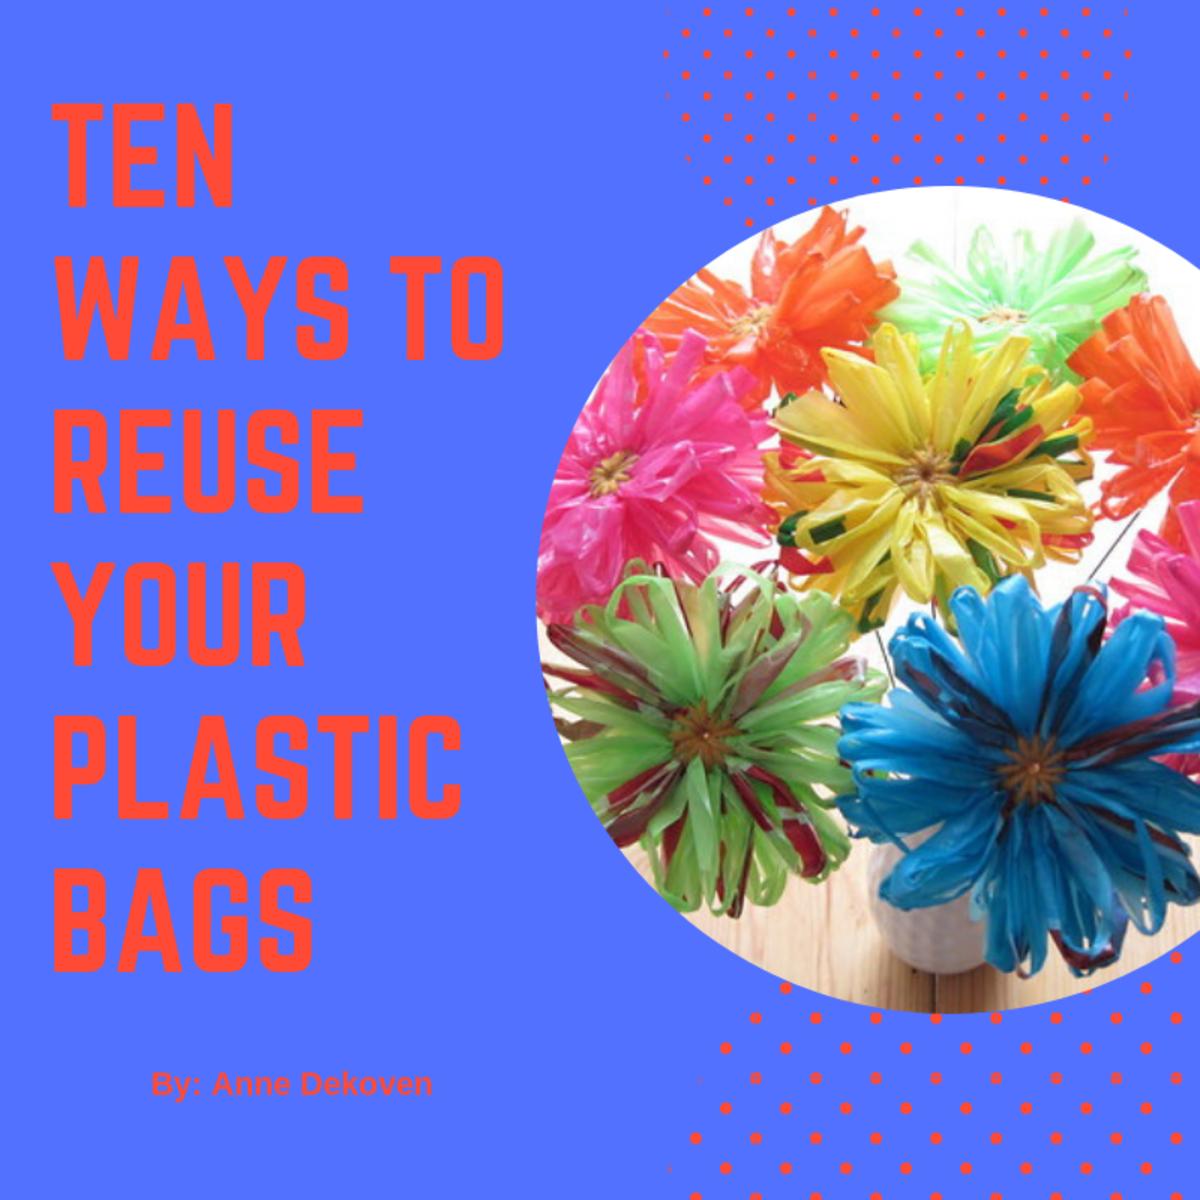 ten-ways-to-reuse-your-plastic-bags